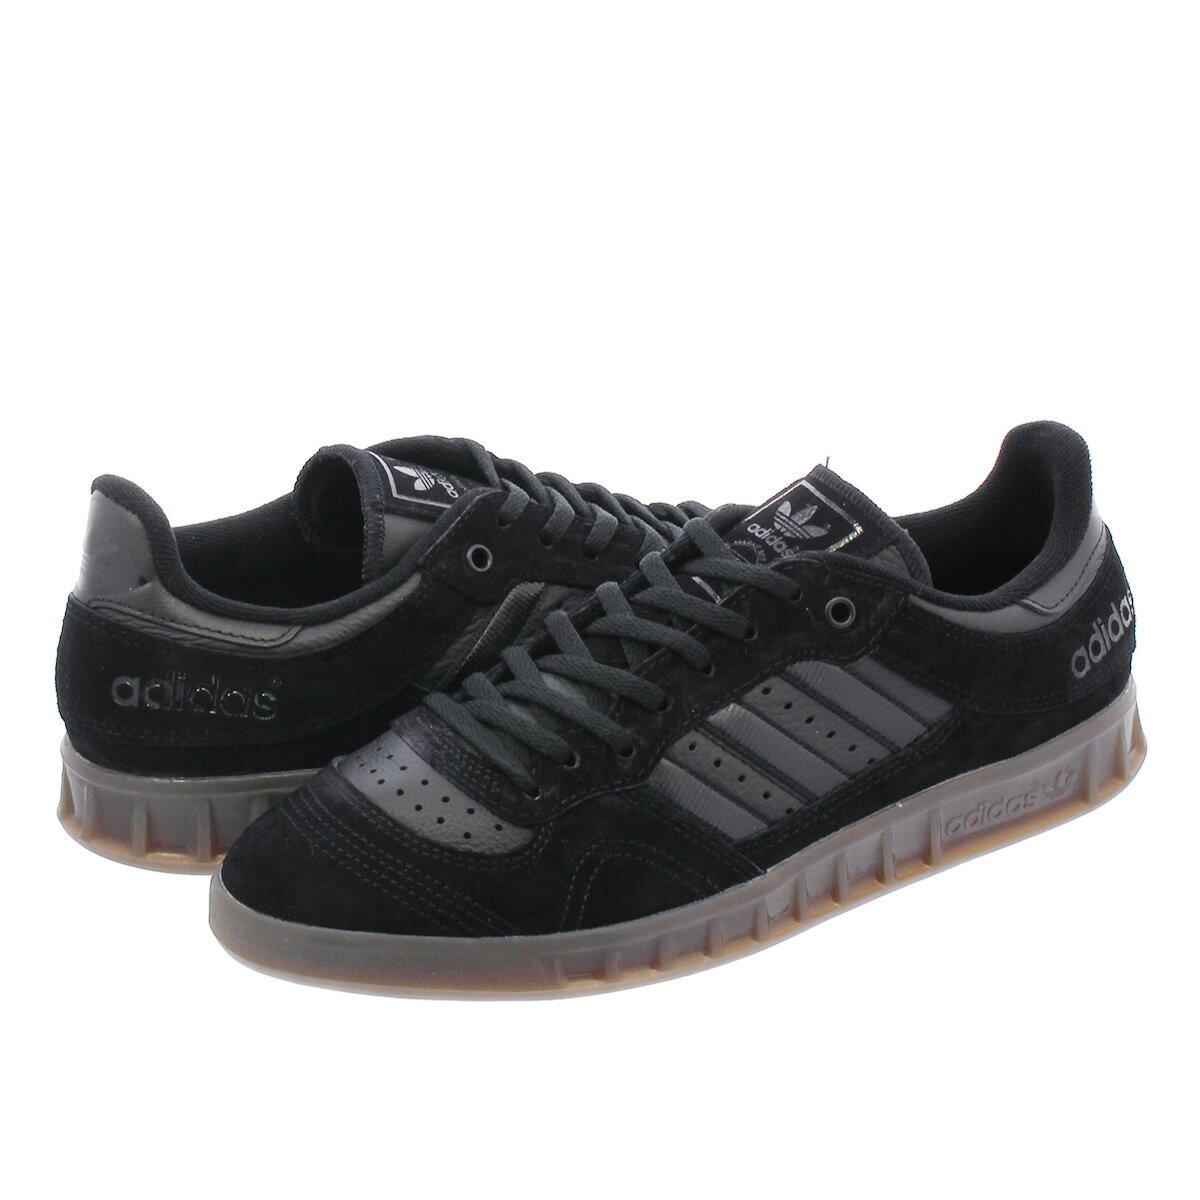 メンズ靴, スニーカー  adidas HANDBALL TOP CORE BLACKCORE BLACKGUM b38031